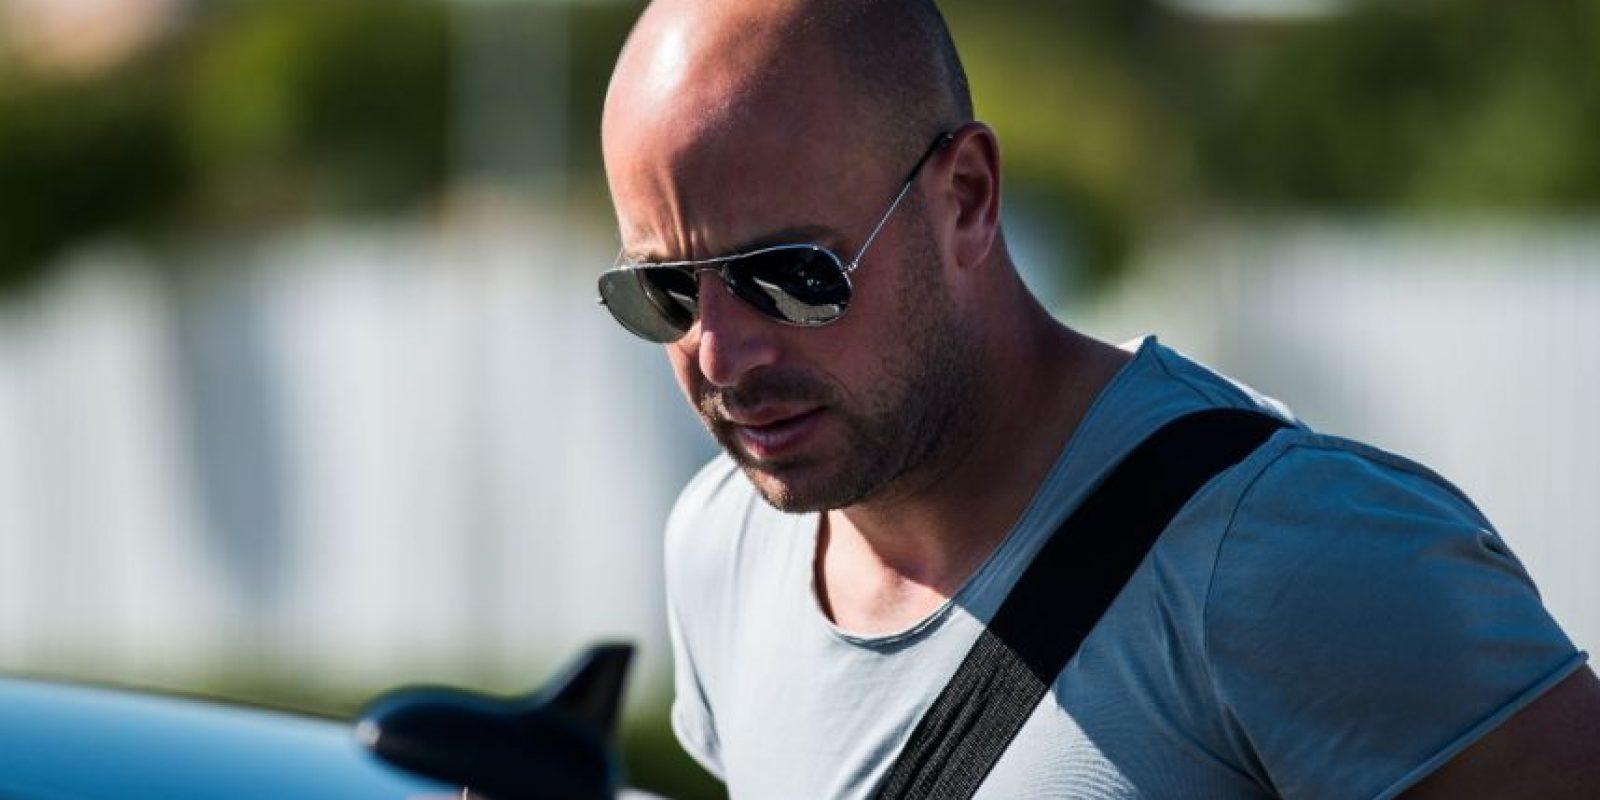 Naturalmente, fue detenido y obligado a pagar una multa de 250 libras (321 euros) por violar el reglamento de tránsito. Foto:Getty Images